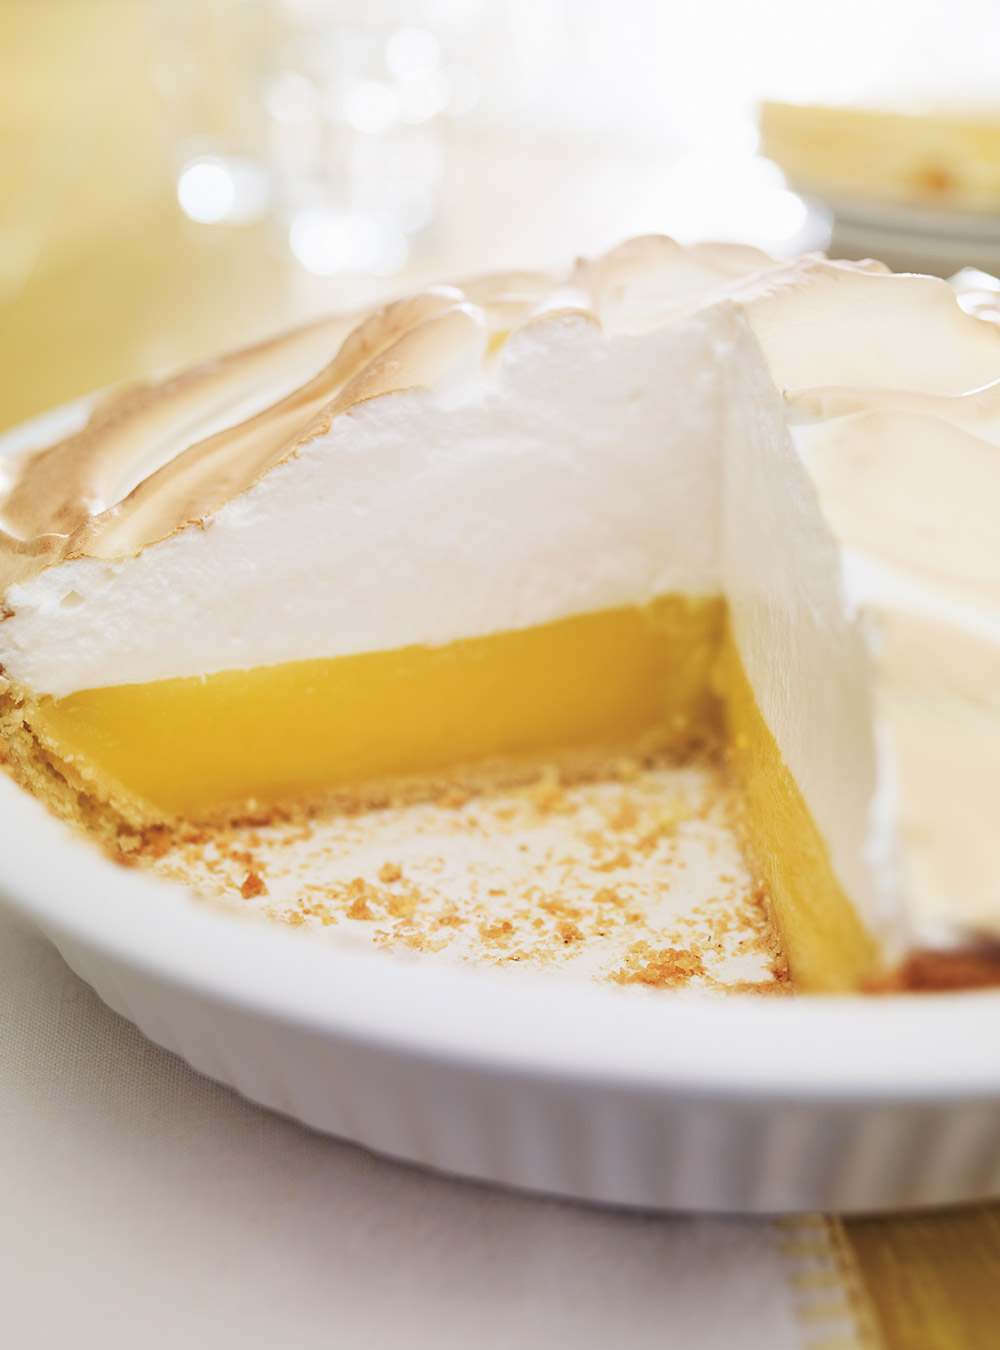 Tarte au citron la meilleure ricardo - Recette tarte au citron sans meringue ...